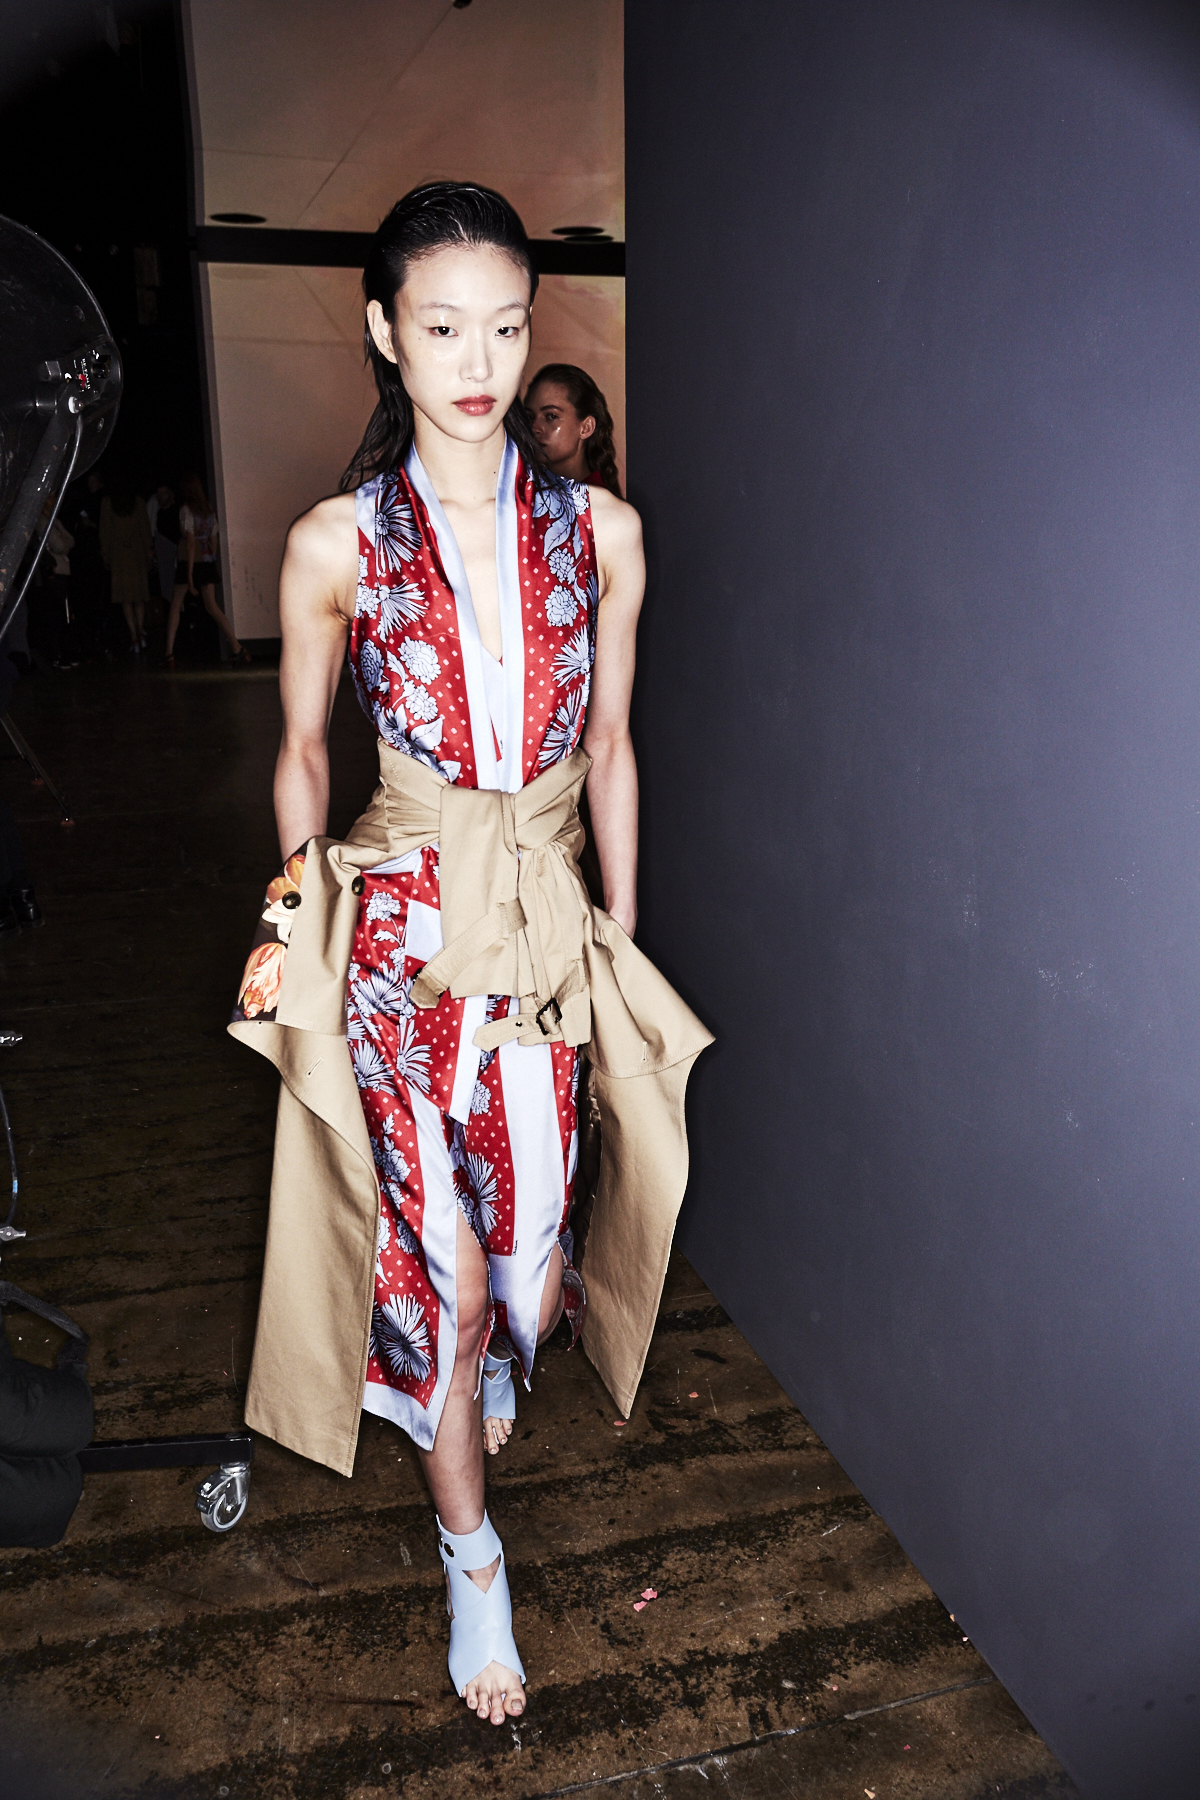 Auf dem Foto ist ein Model im Backstagebereich der H/W Modenschau von Designer Thakoon zu sehen. Sie trägt ein hellblau-rotes Seidenkleid mit einem Scarfprint Muster. Um ihre Taille hat sie einen Trenchcoat gebunden. Das Foto stammt von Sonny Vandevelde.